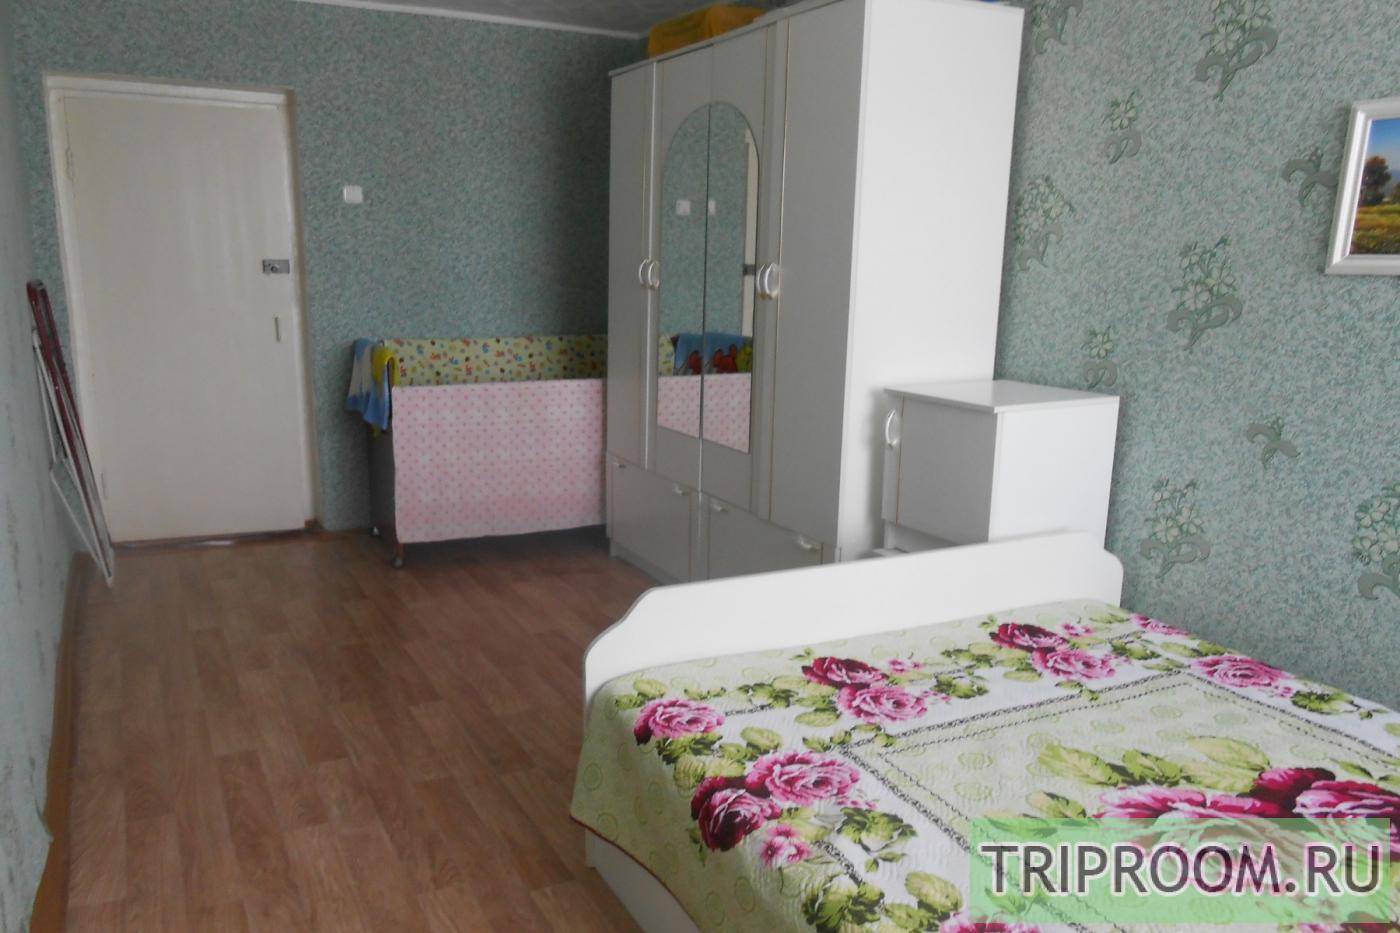 2-комнатная квартира посуточно (вариант № 32154), ул. квартал А, фото № 1